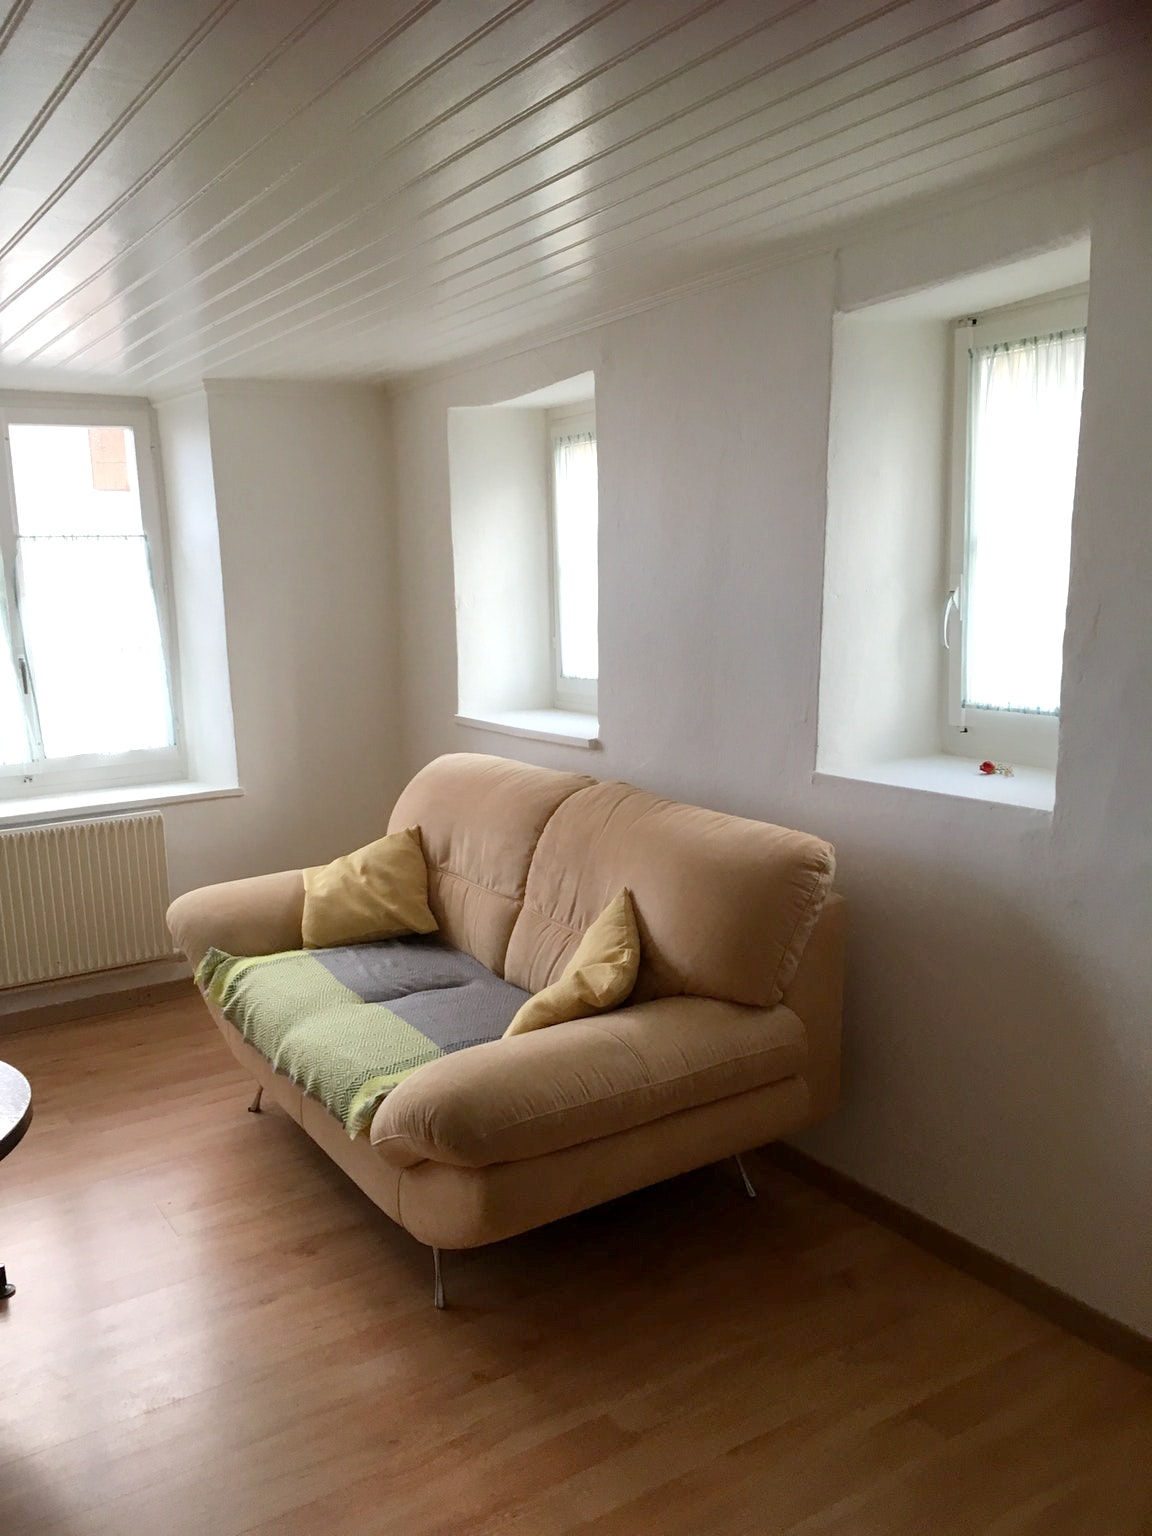 Maison de vacances Haus mit 2 Schlafzimmern in Châbles mit bezauberndem Seeblick, eingezäuntem Garten und W-L (2519223), Châbles FR, Lac de Neuchâtel, Jura - Neuchâtel, Suisse, image 17